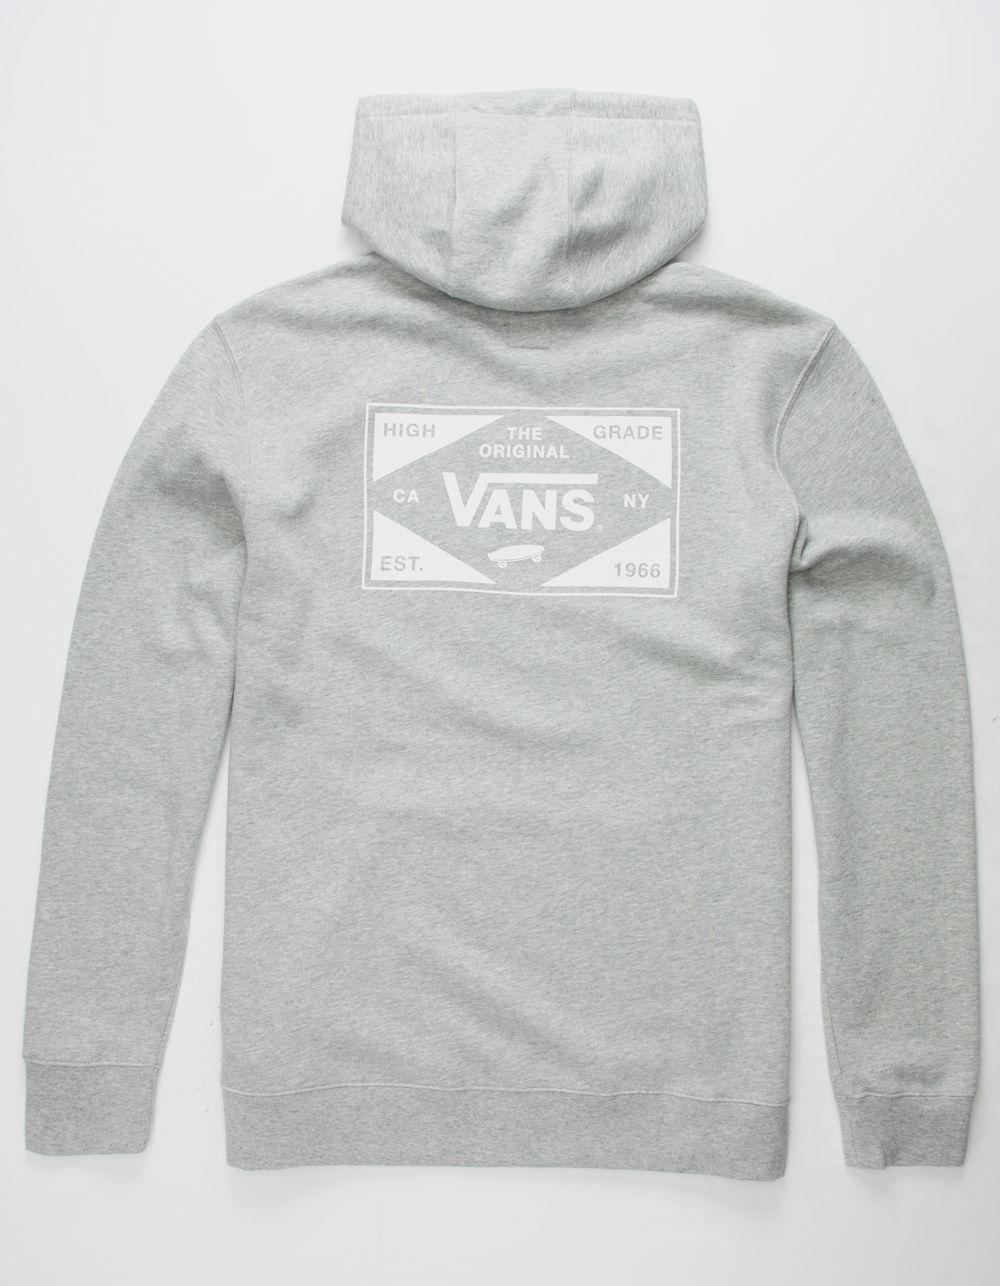 70b2c394 Vans Best In Class Mens Hoodie in Gray for Men - Lyst